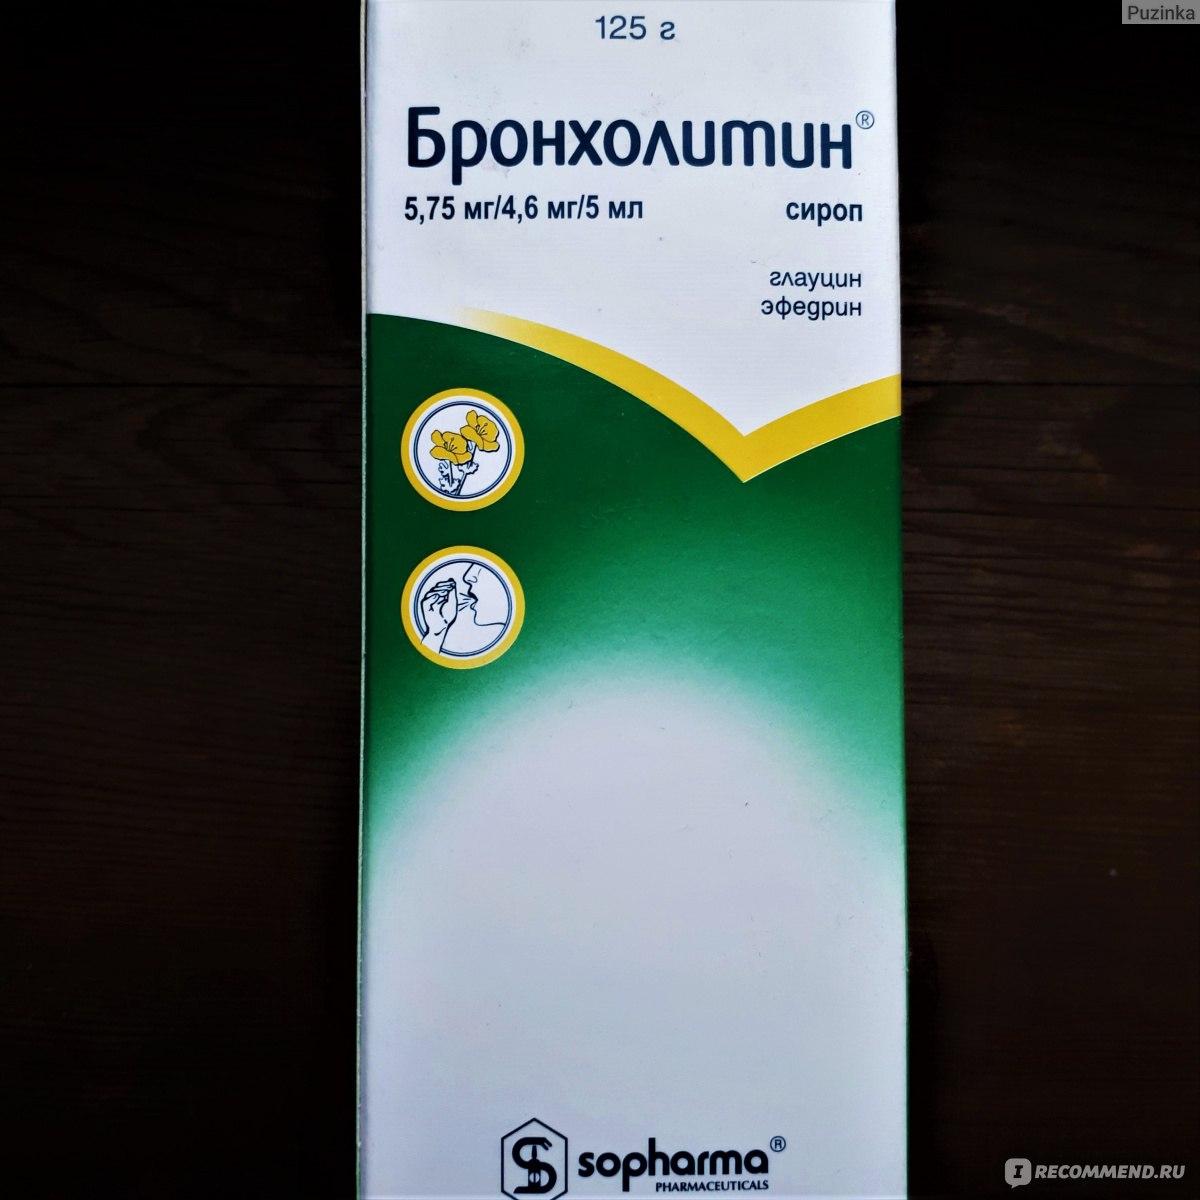 Эфедрин, кофеин, аспирин - последствия и противопоказания. эка для похудения